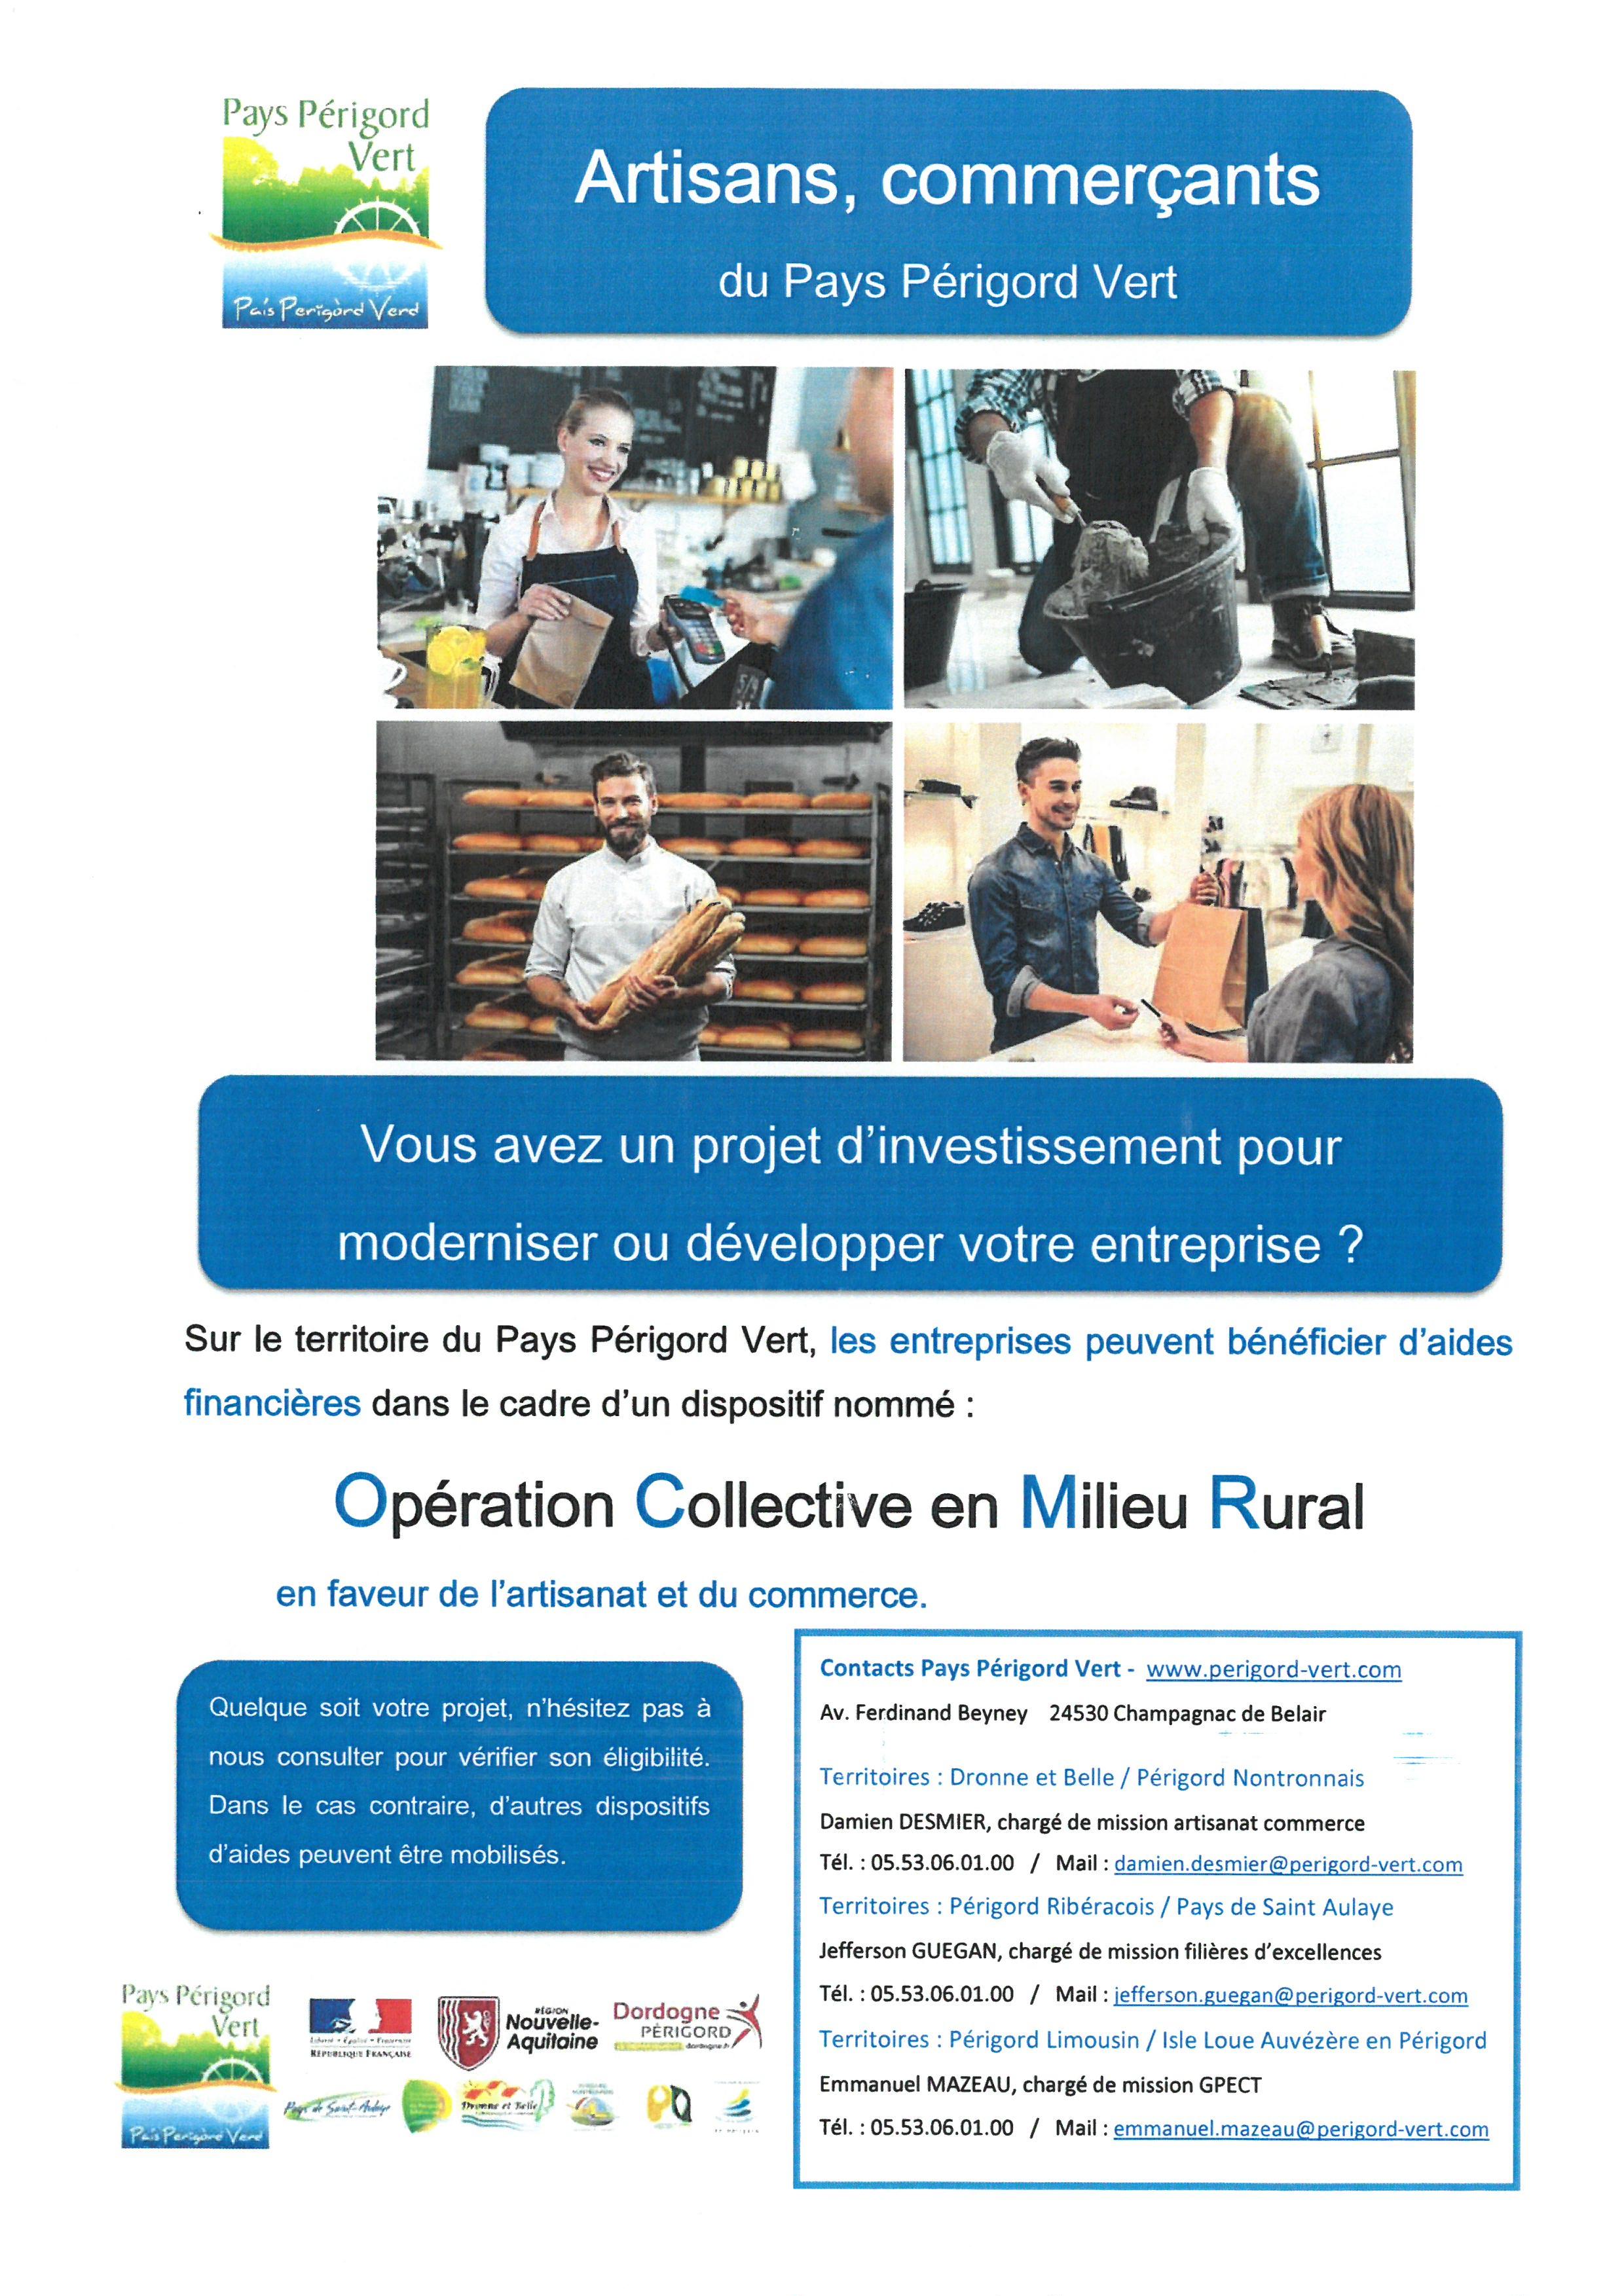 Opération Collective Milieu Rural.jpg